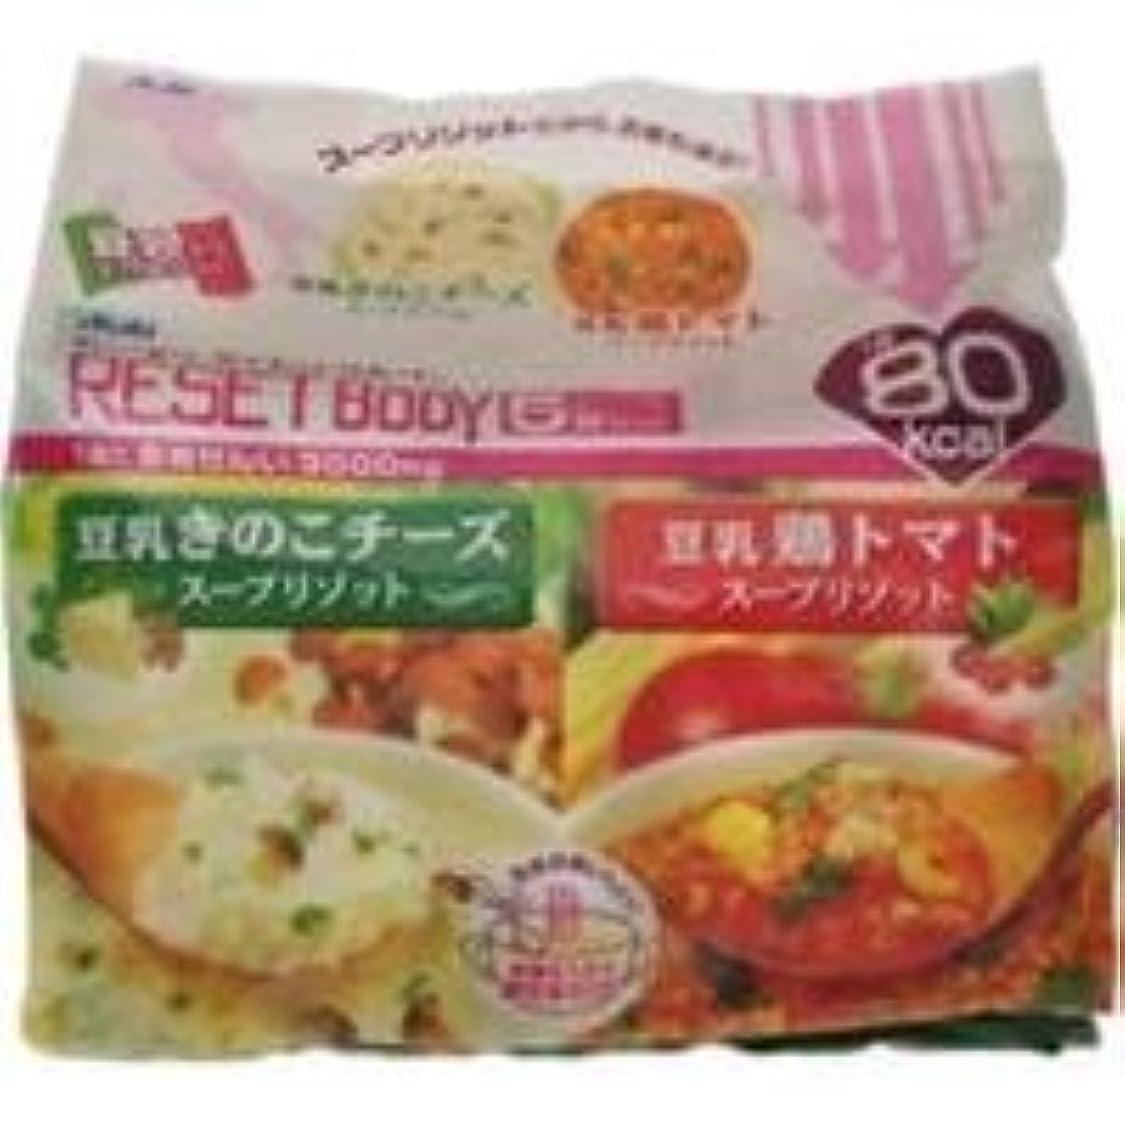 強制的繁雑ウィンクリセットボディ リセットボディ 豆乳きのこチーズ&鶏トマトスープリゾット 5食 きのこ3食+???2食 1袋